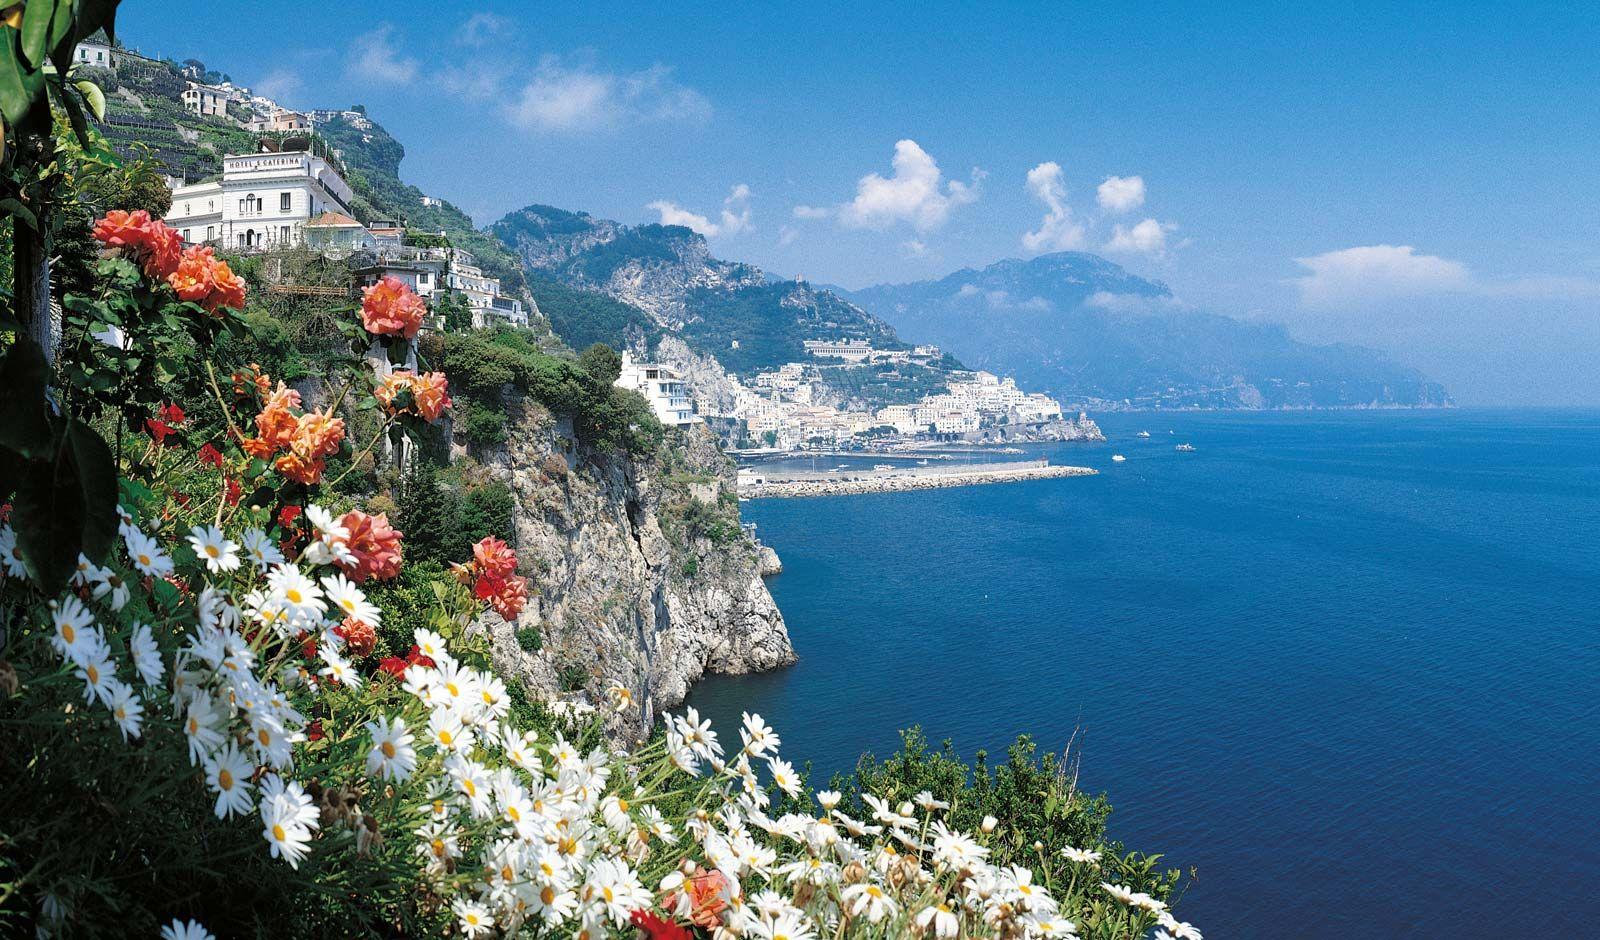 Pin Von Sarah Auf Reisen Italien Amalfi Amalfi Reisen Italien